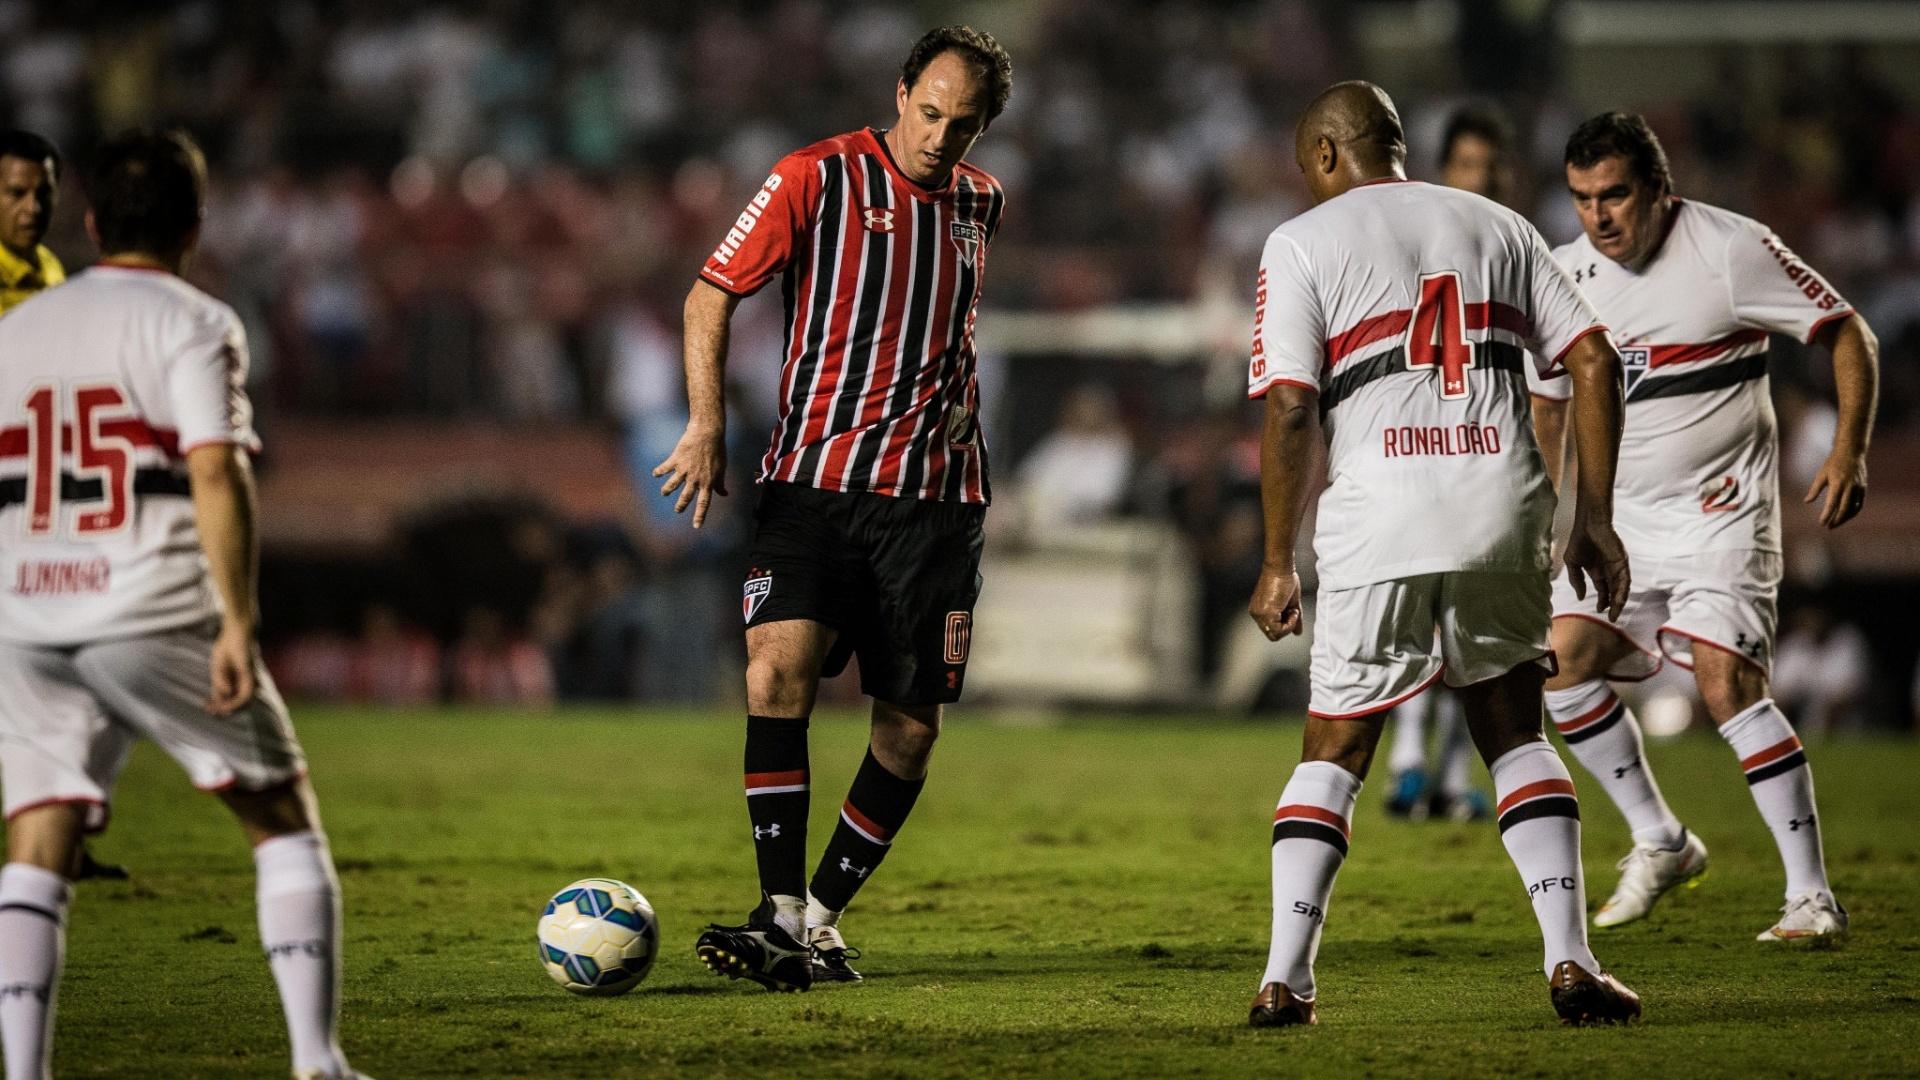 Ainda no primeiro tempo, Rogério Ceni saiu do gol e foi para a linha. Na foto, é marcado por Ronaldão